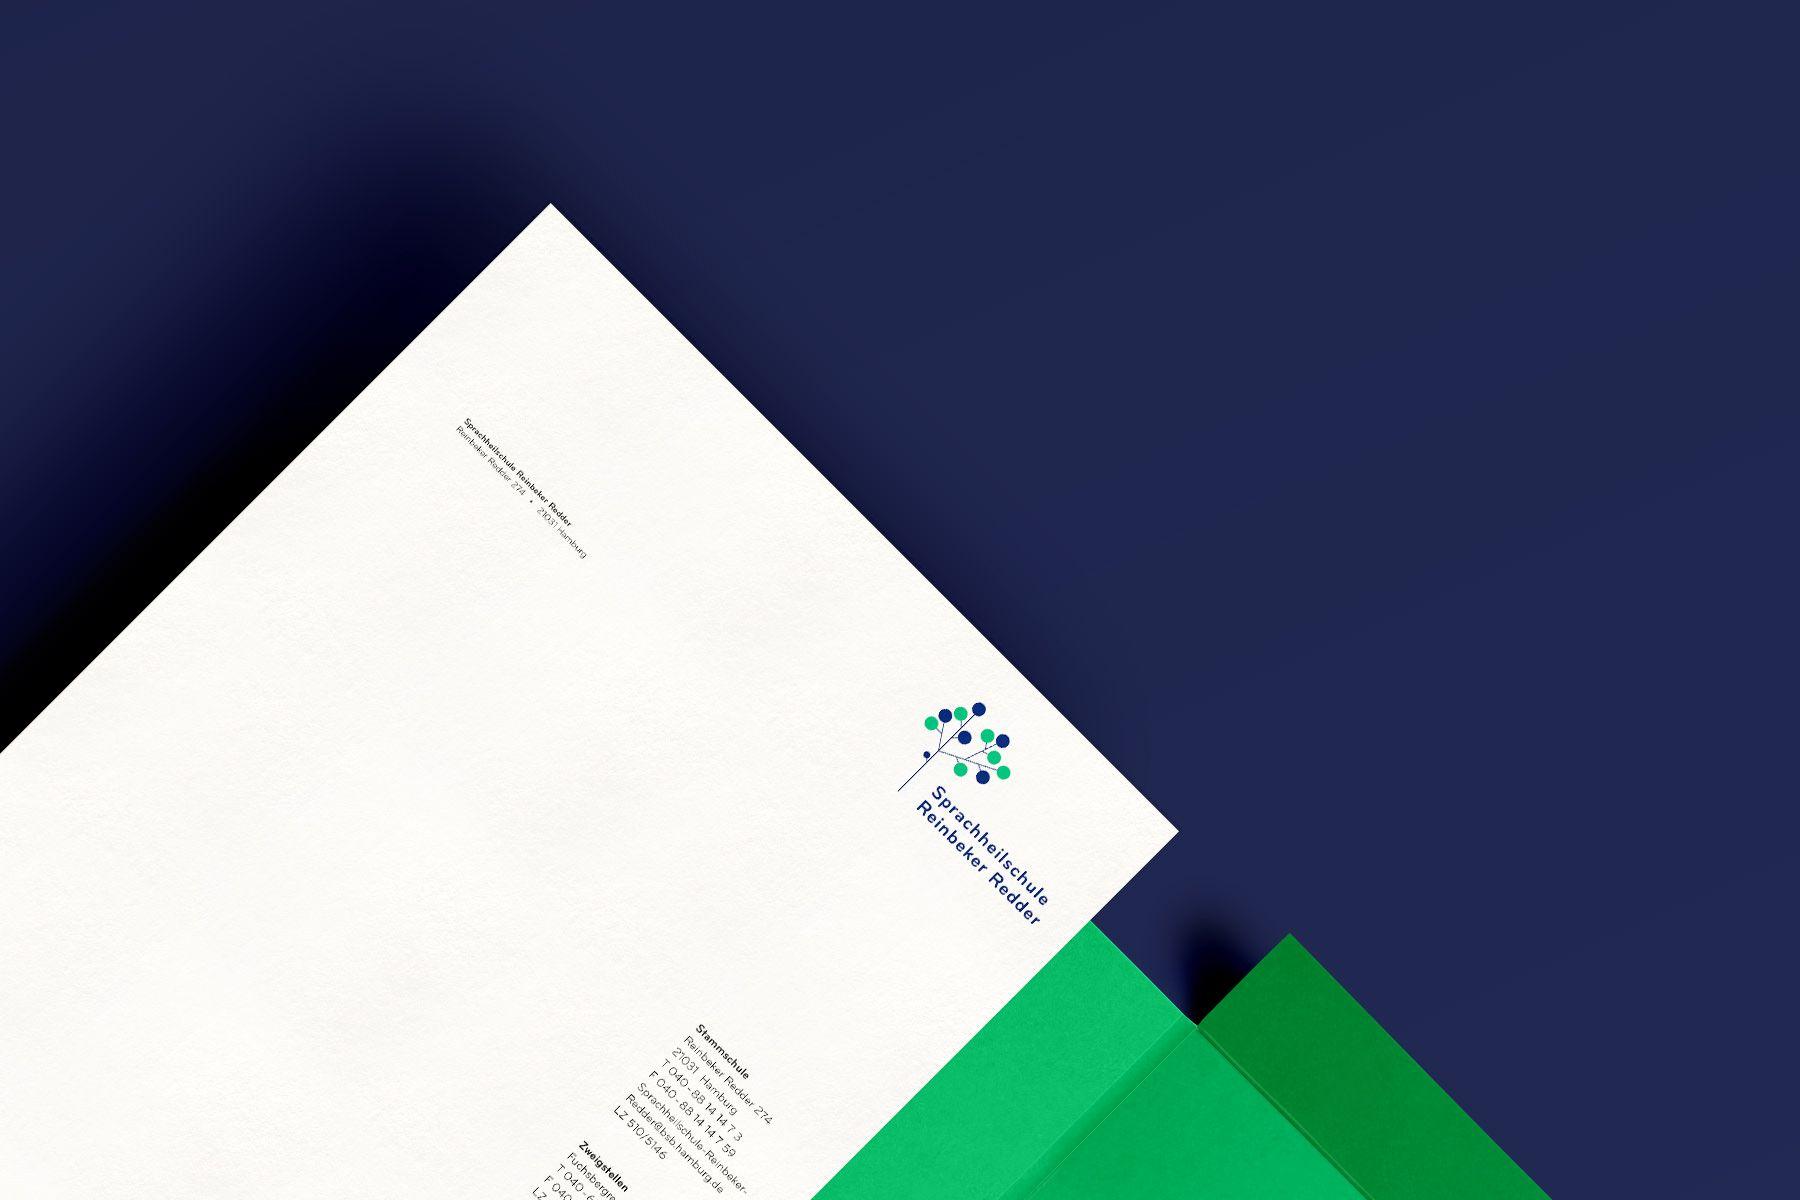 Sprachheilschule Reinbeker Redder — Jens Windolf — Grafikdesign und Art Direction